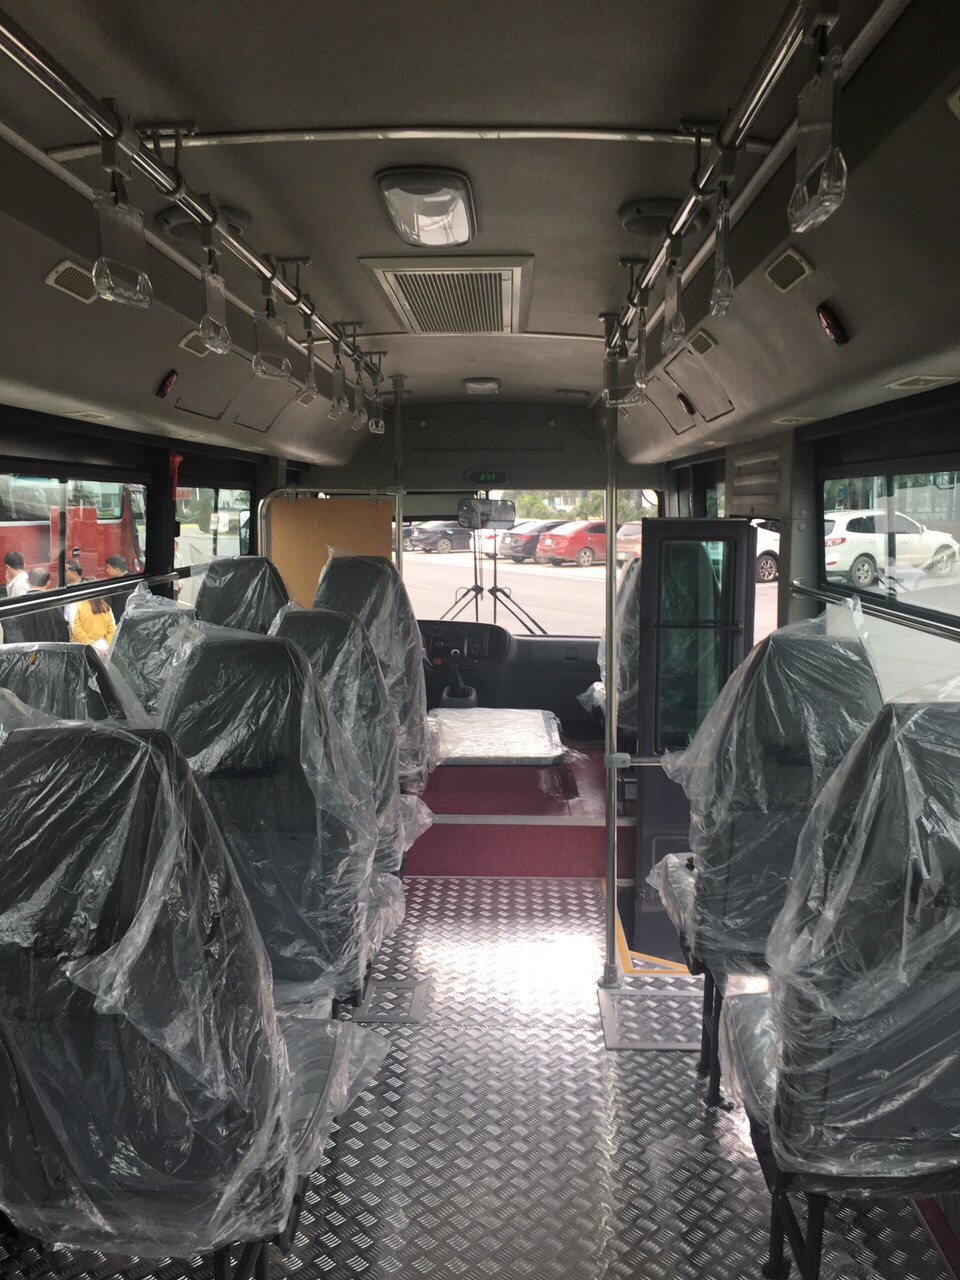 xe-bus-15-hd-b40-kieu-dang-new-city-1